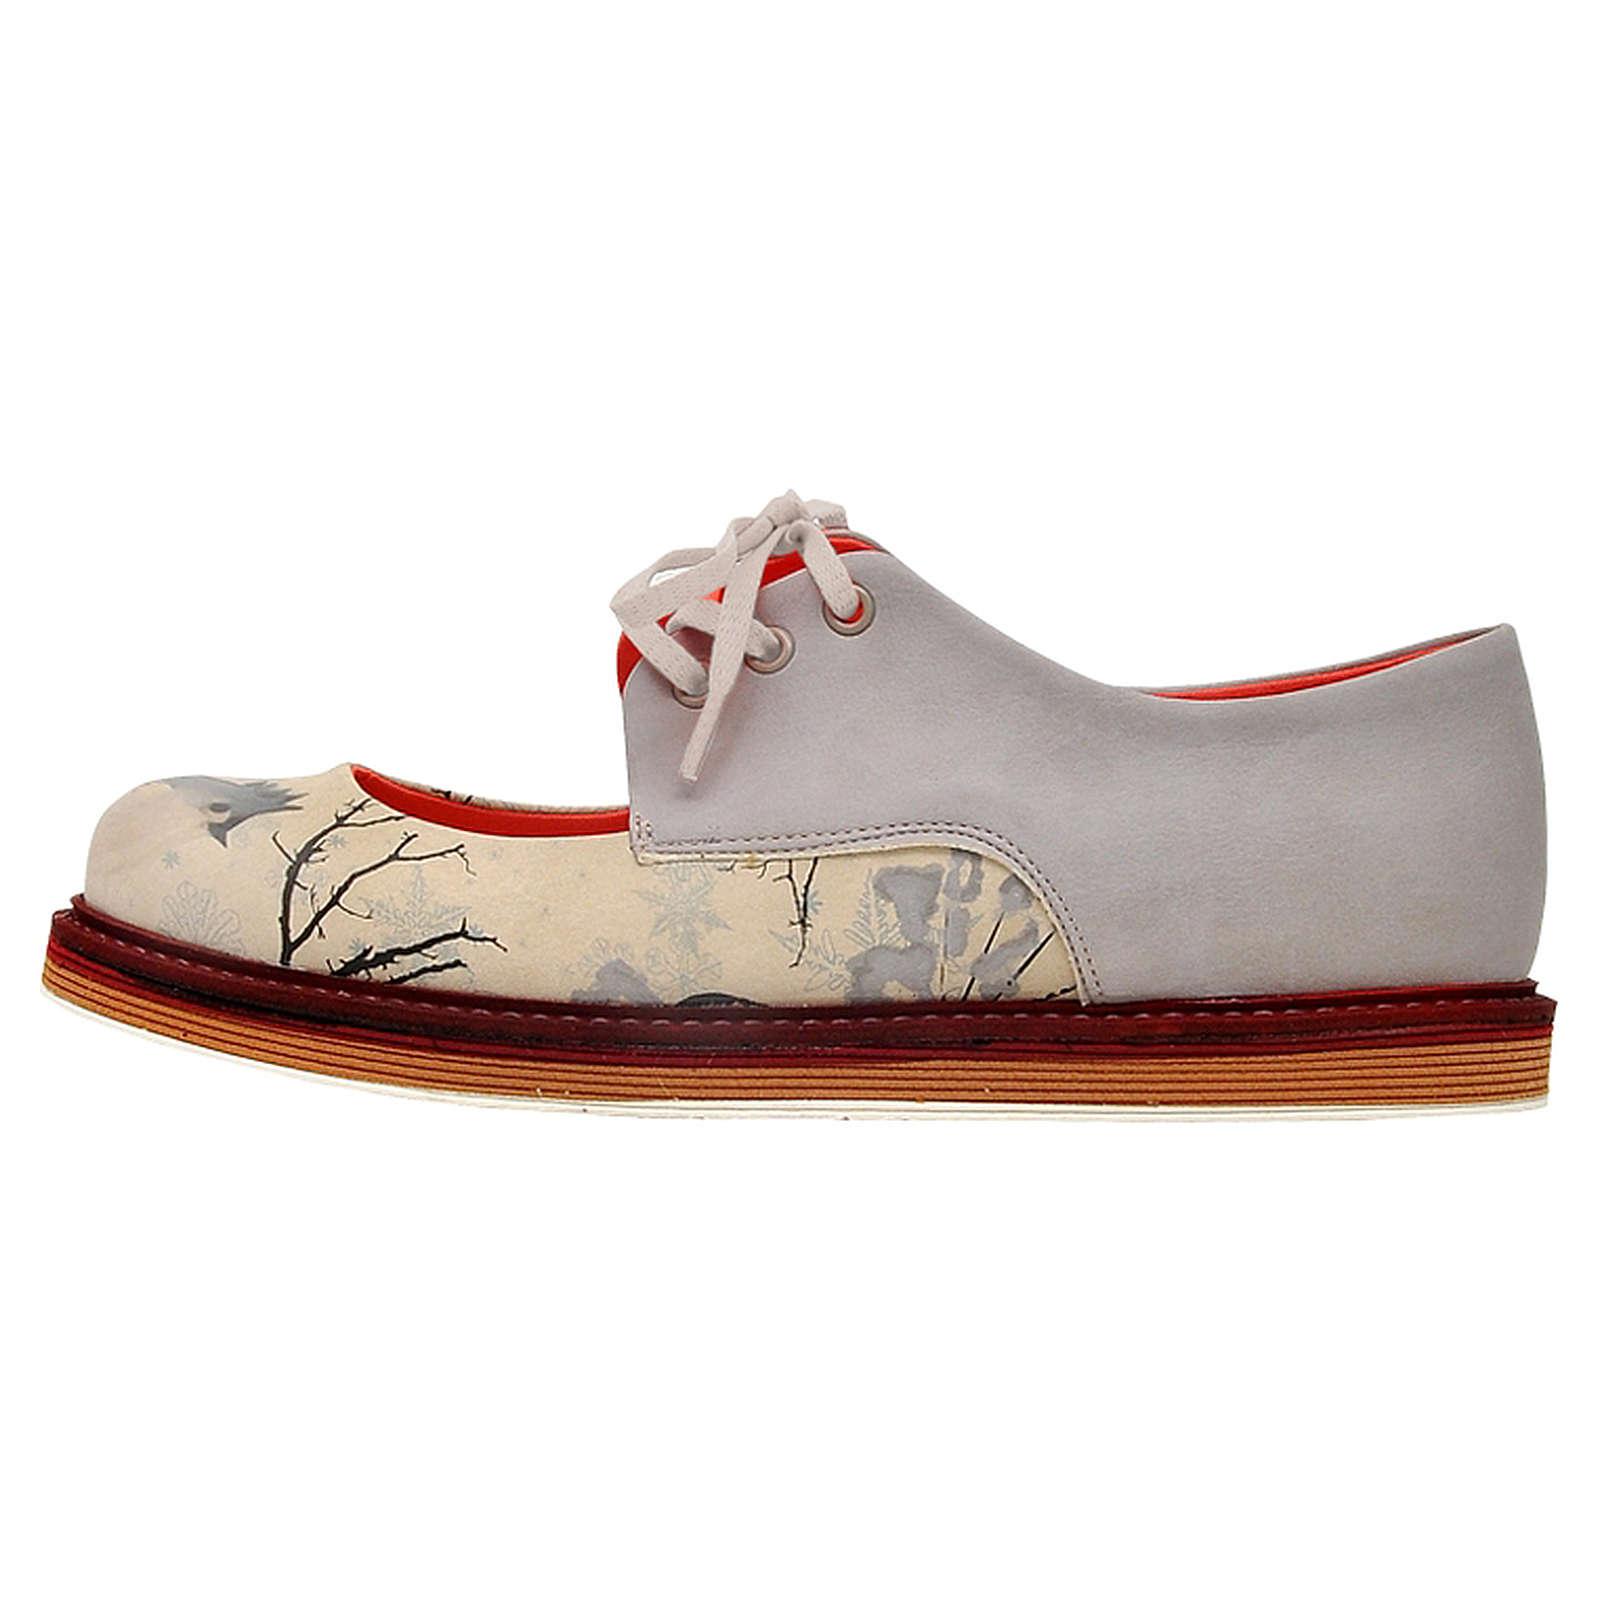 Dogo Shoes Schnürschuhe I am a bird mehrfarbig Damen Gr. 41